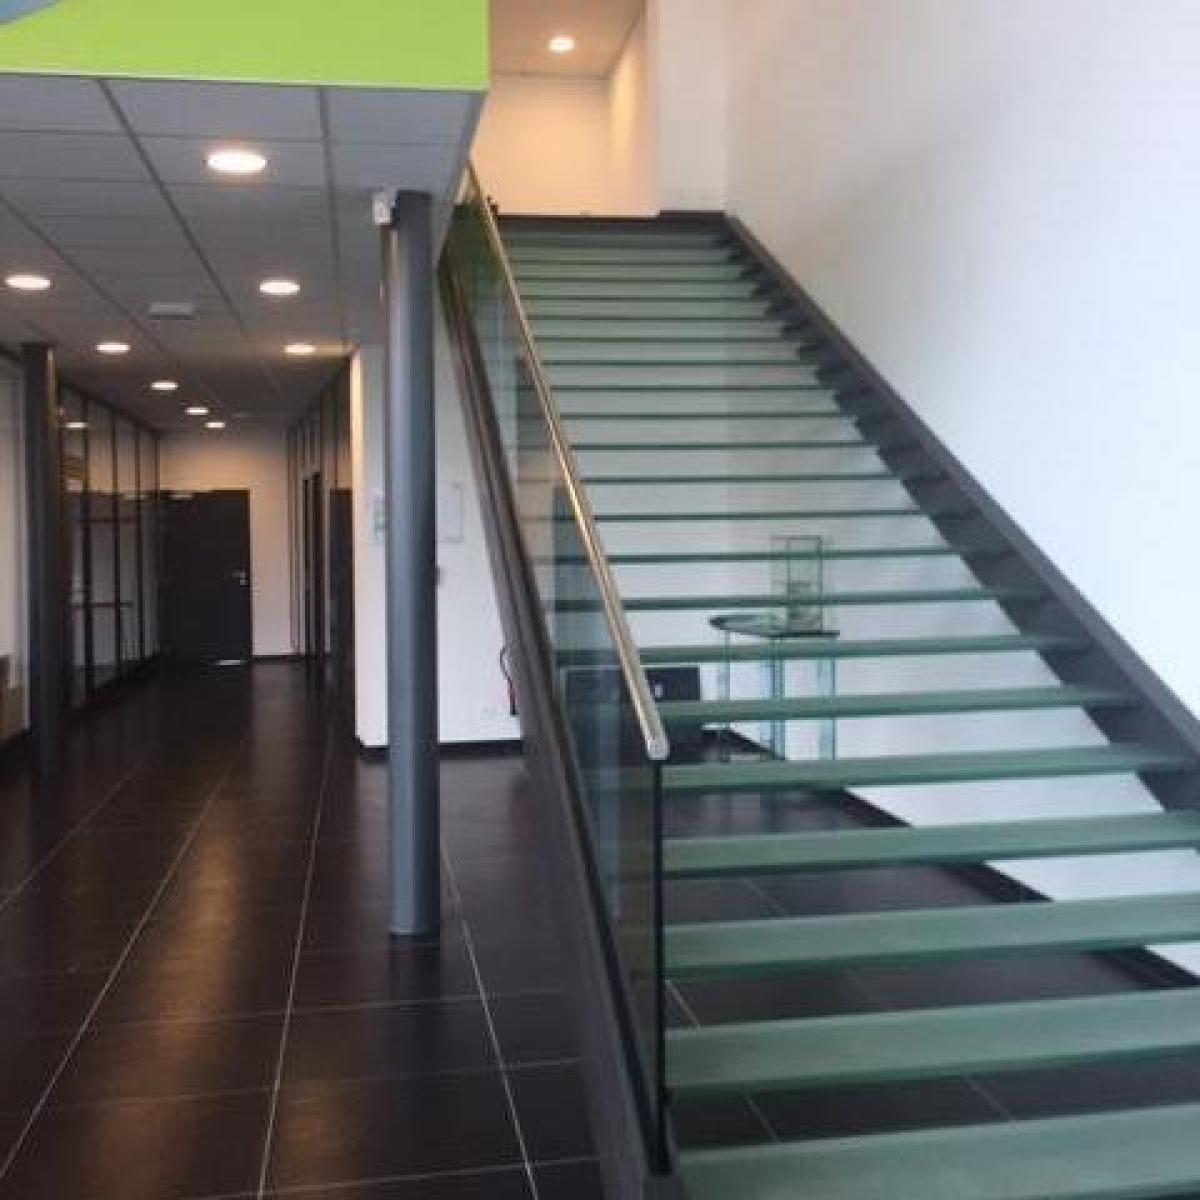 Escalier avec marche en verre